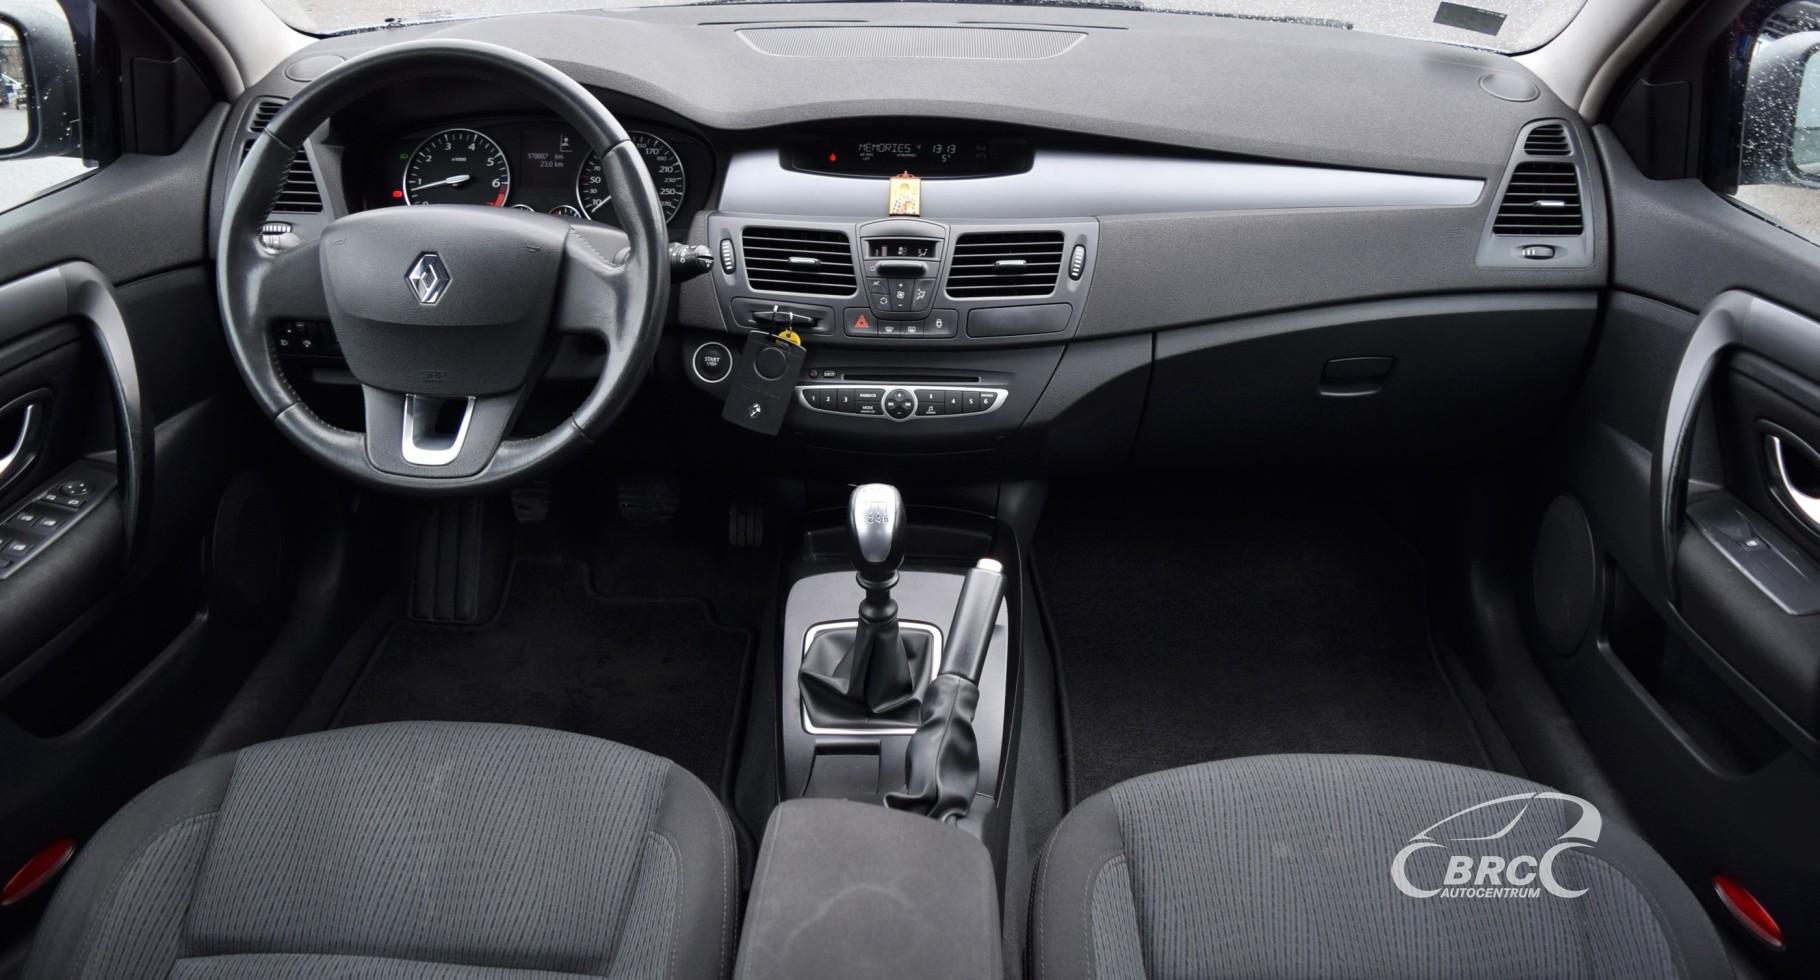 Renault Laguna M/T